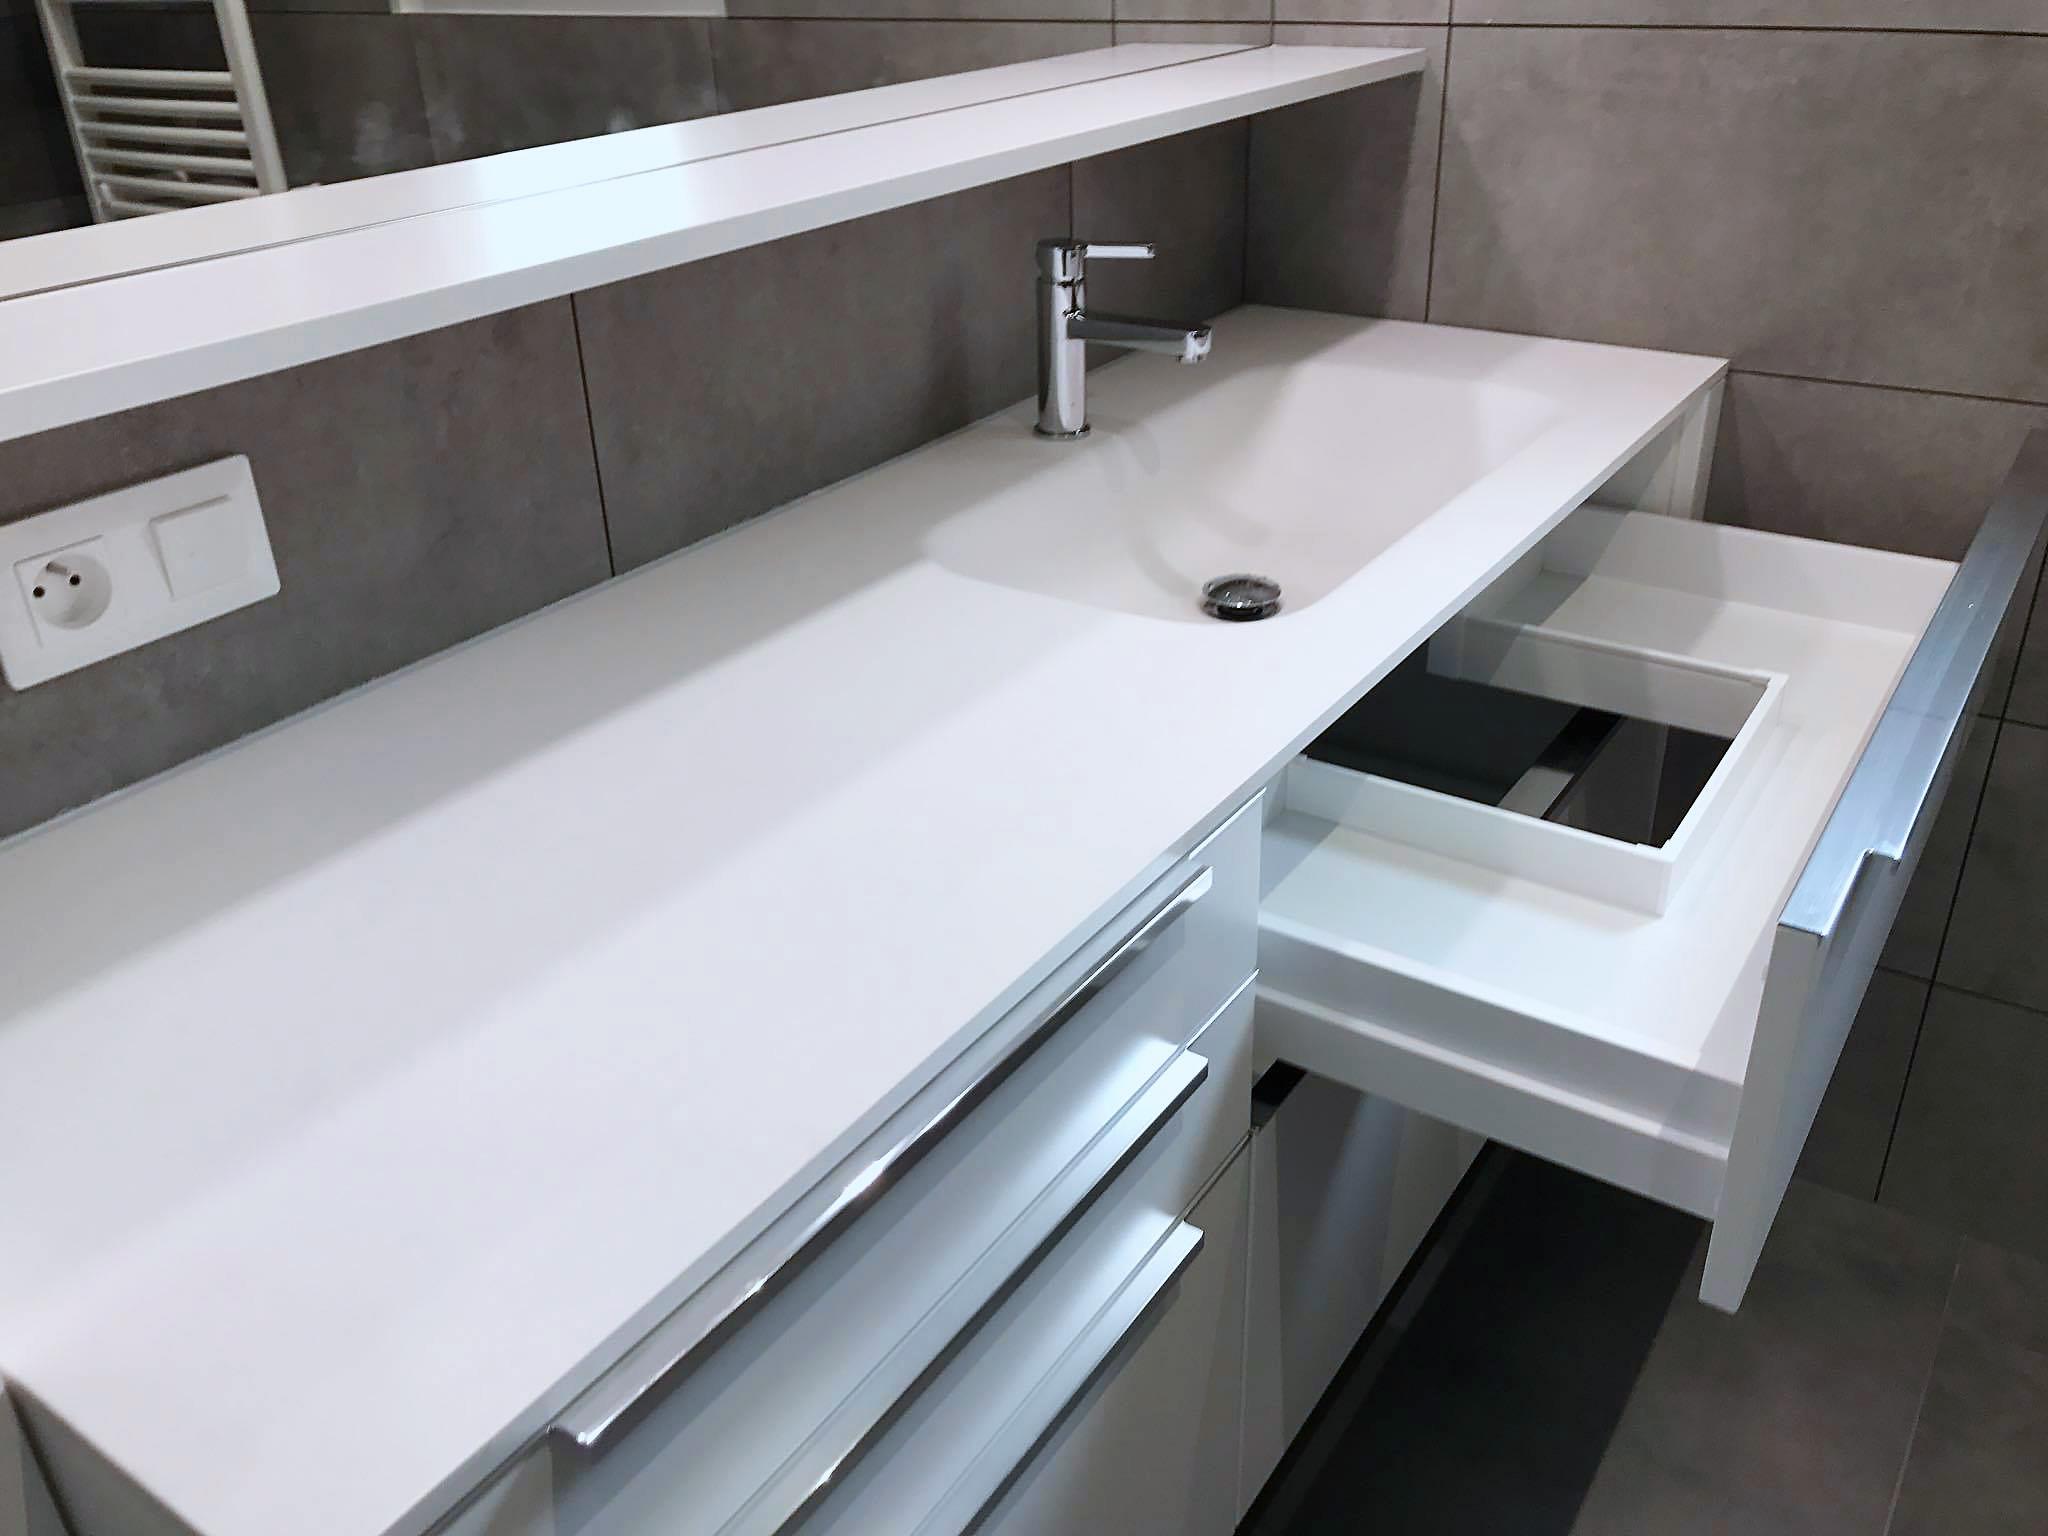 Tiroir sur mesure pour s'integrer sous la vasque